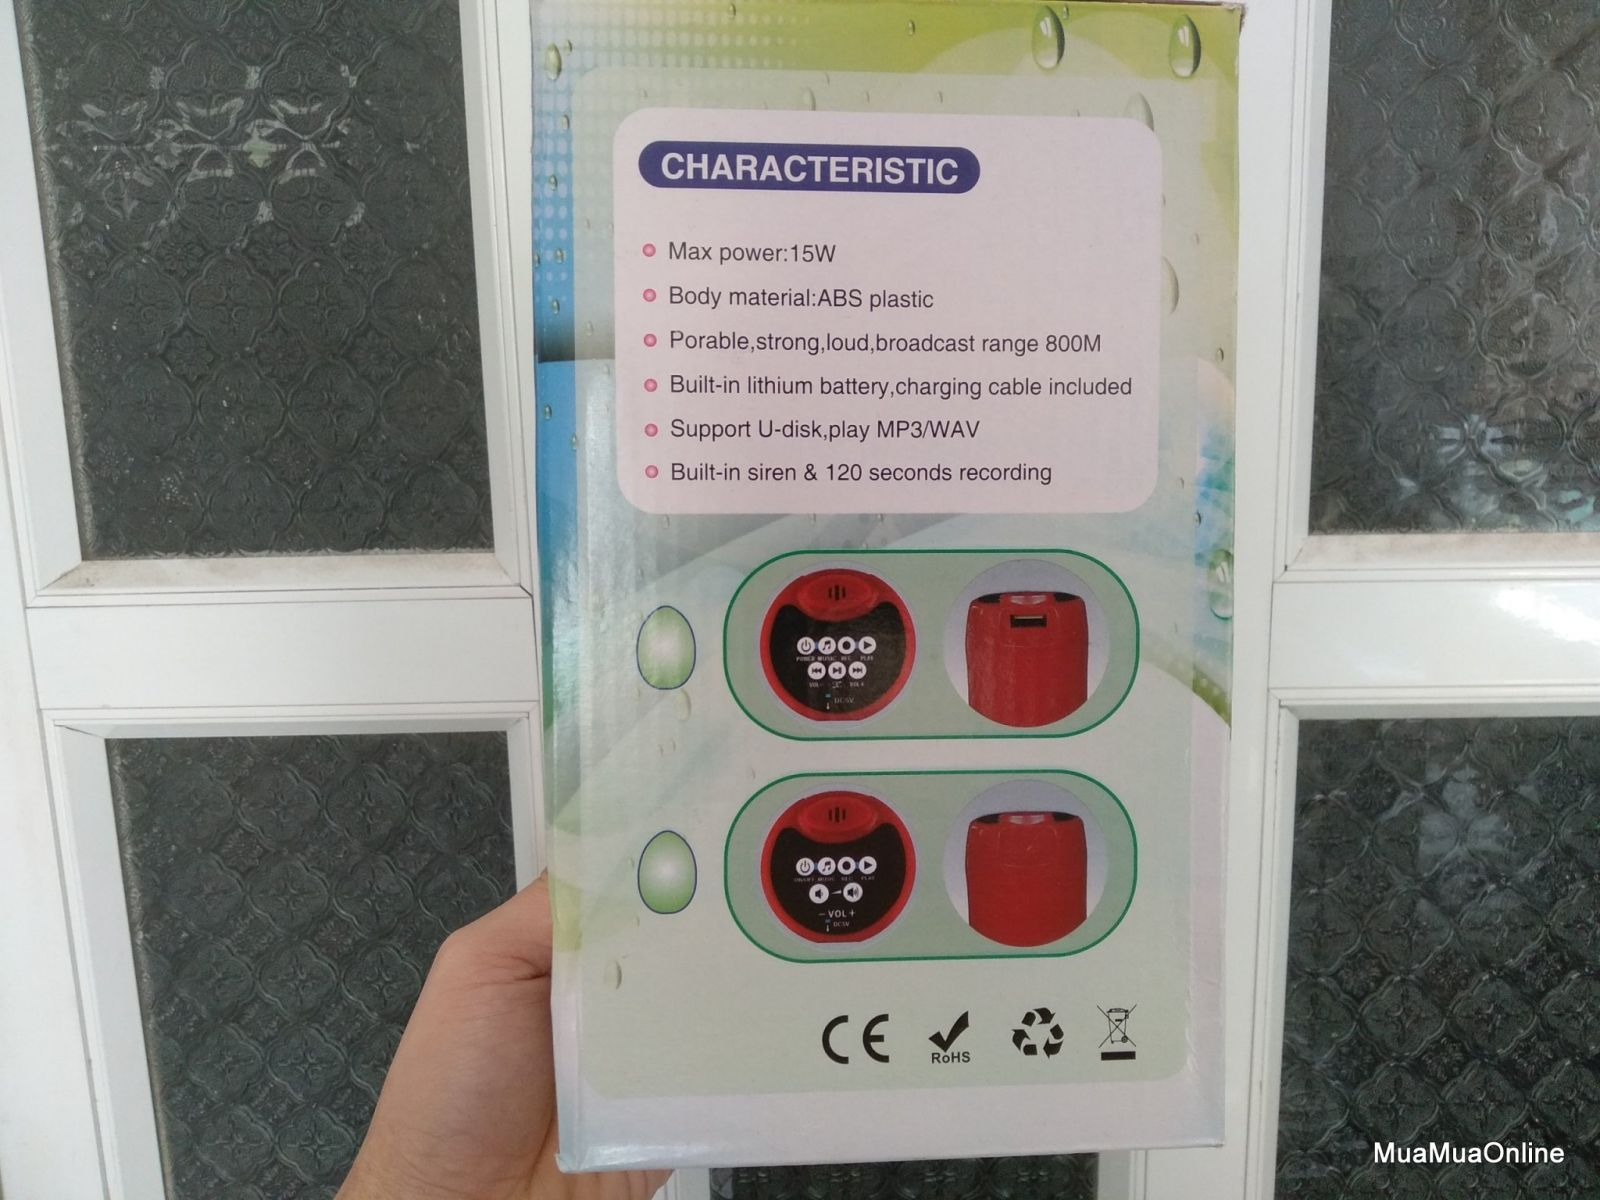 Loa Phát Thanh Megaphone 15W Đọc USB Cao Cấp + Tặng Kèm Pin Và Cáp Sạc